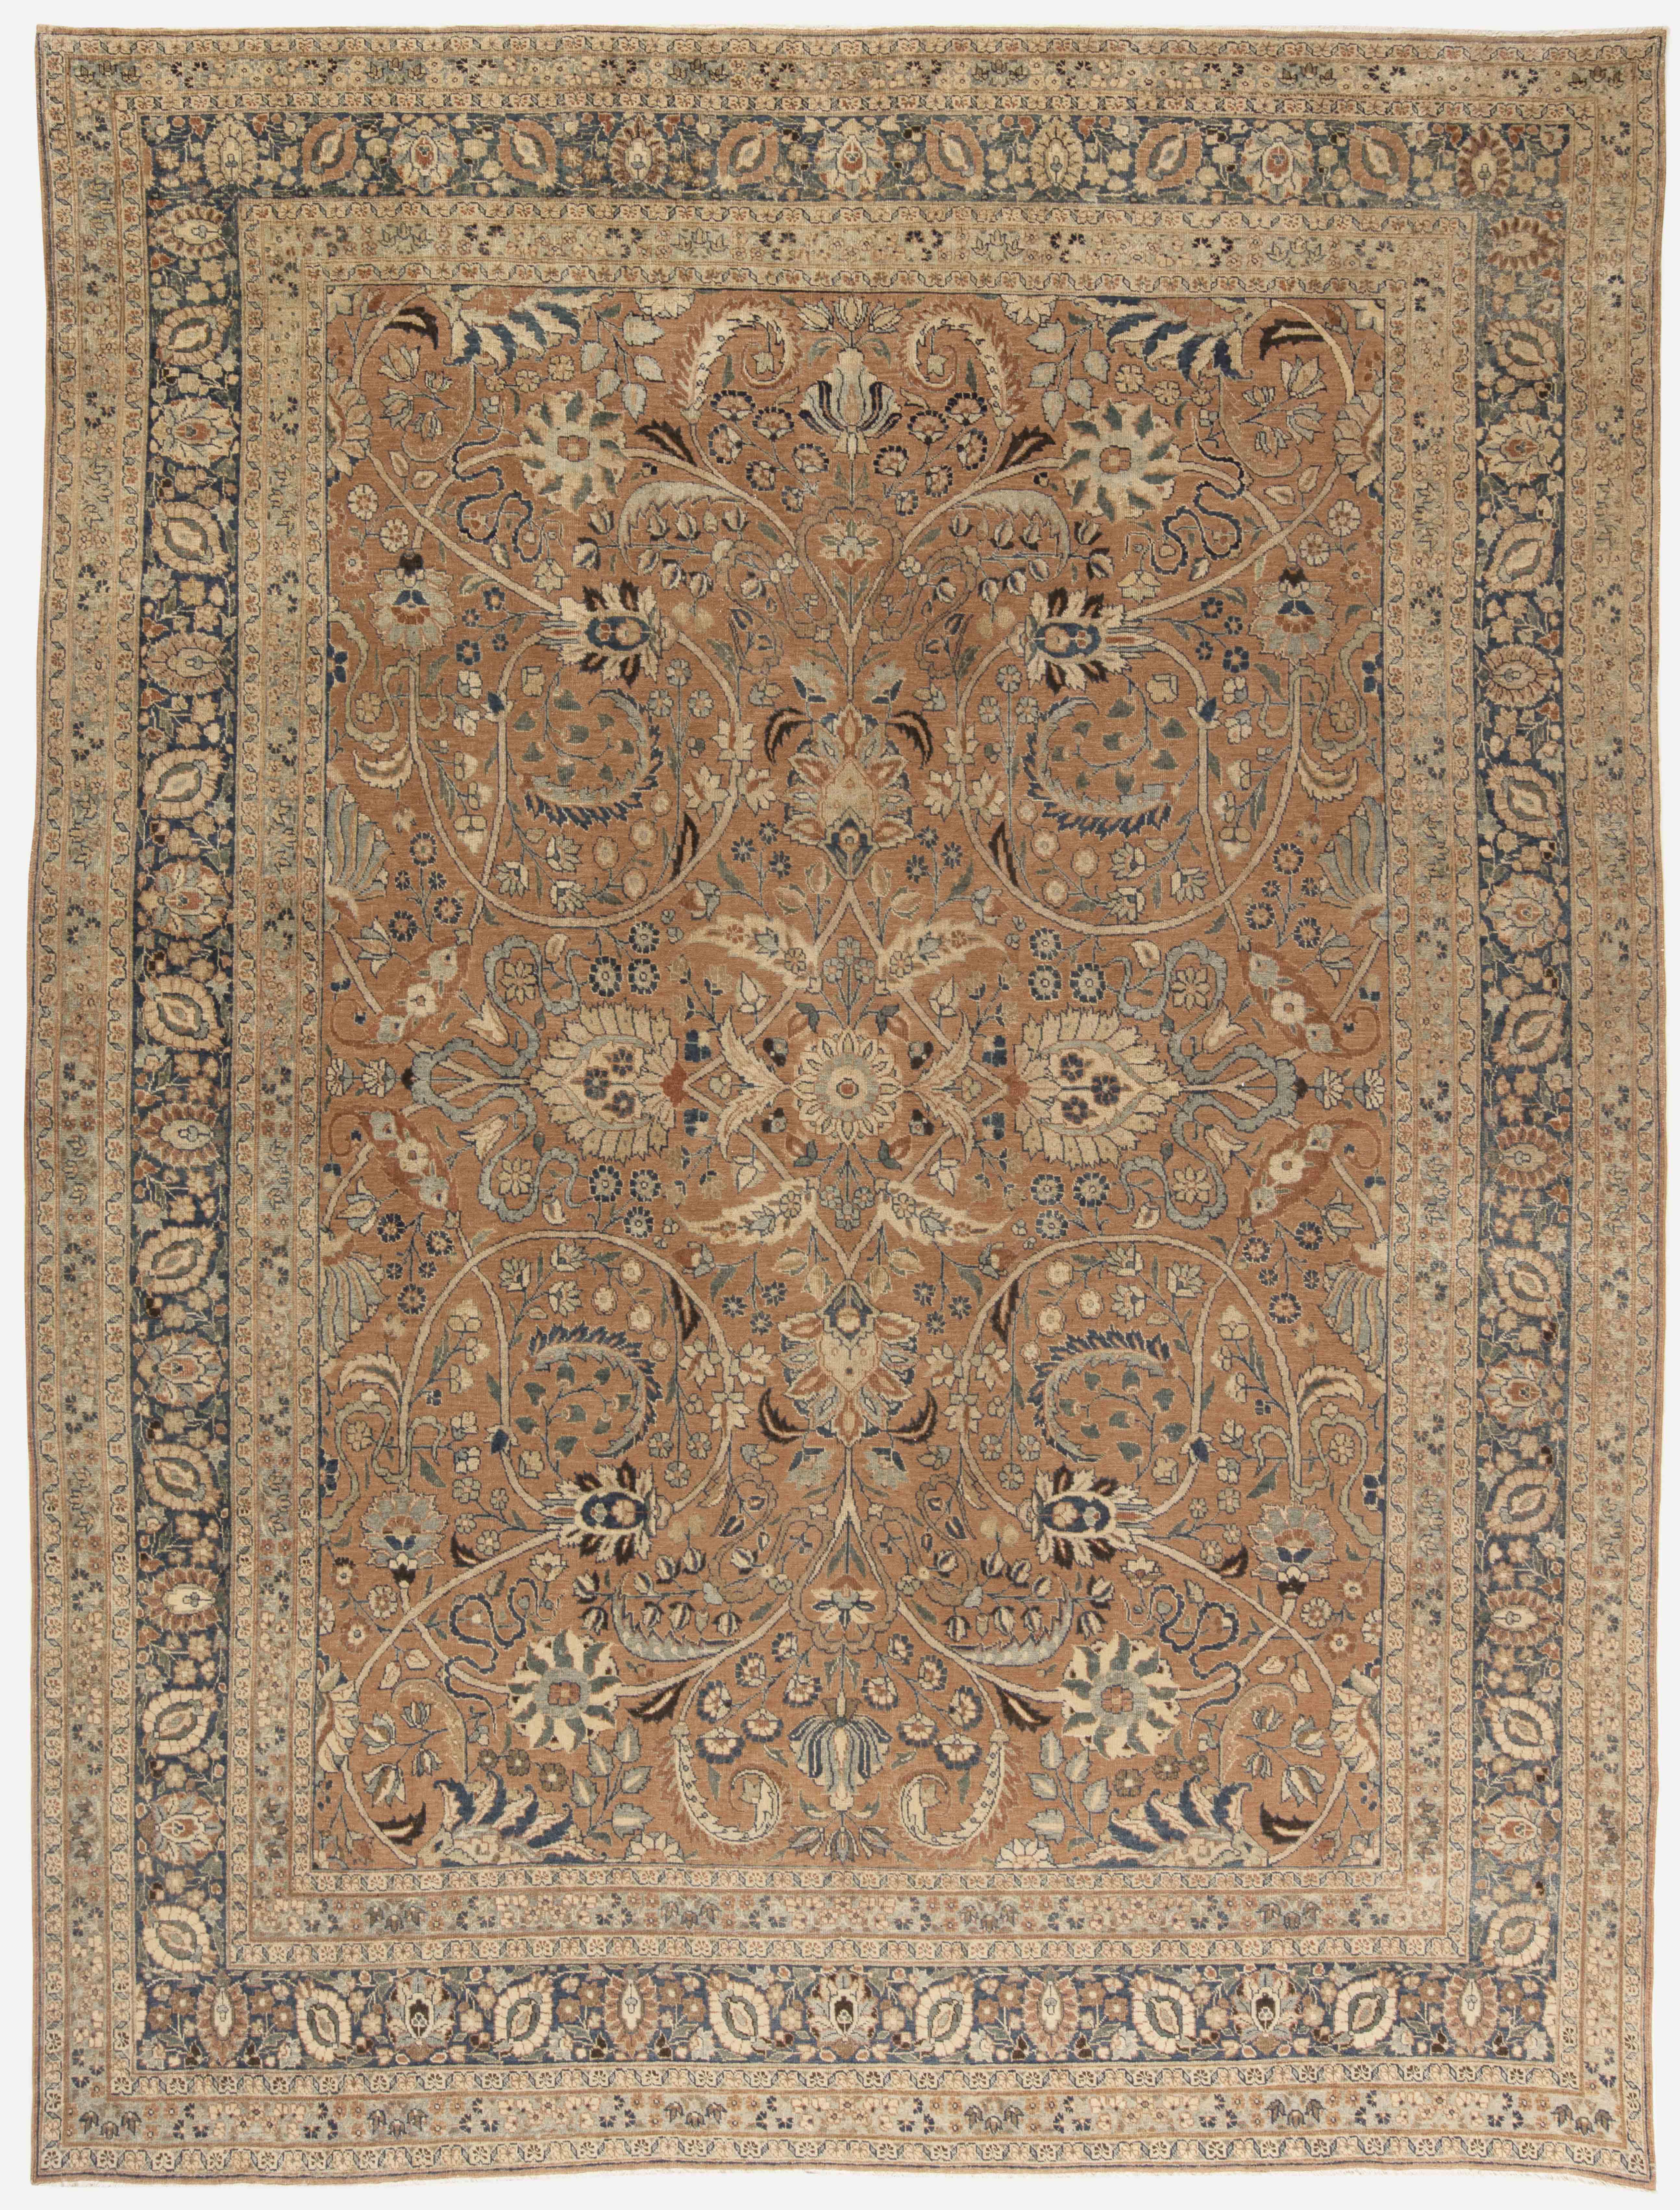 Antique Persian Tabriz Carpet Bb4470 By Doris Leslie Blau